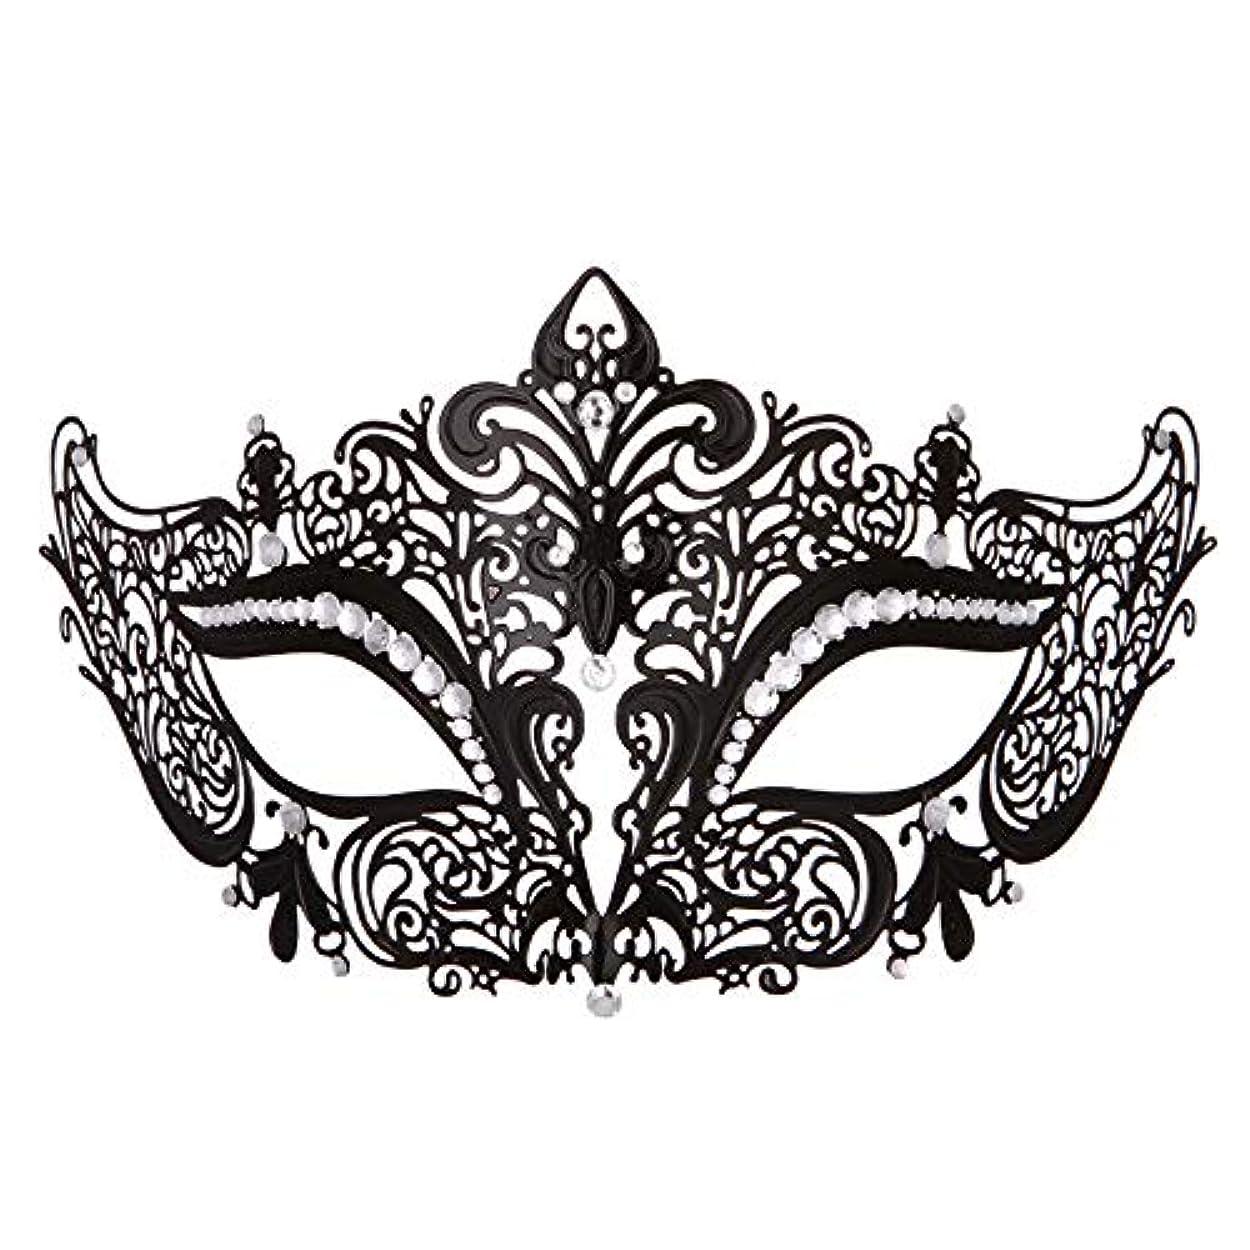 エジプト小包領収書ダンスマスク 高級金属鉄マスク女性美少女中空ハーフフェイスファッションナイトクラブパーティー仮面舞踏会マスク ホリデーパーティー用品 (色 : 白, サイズ : 19x8cm)